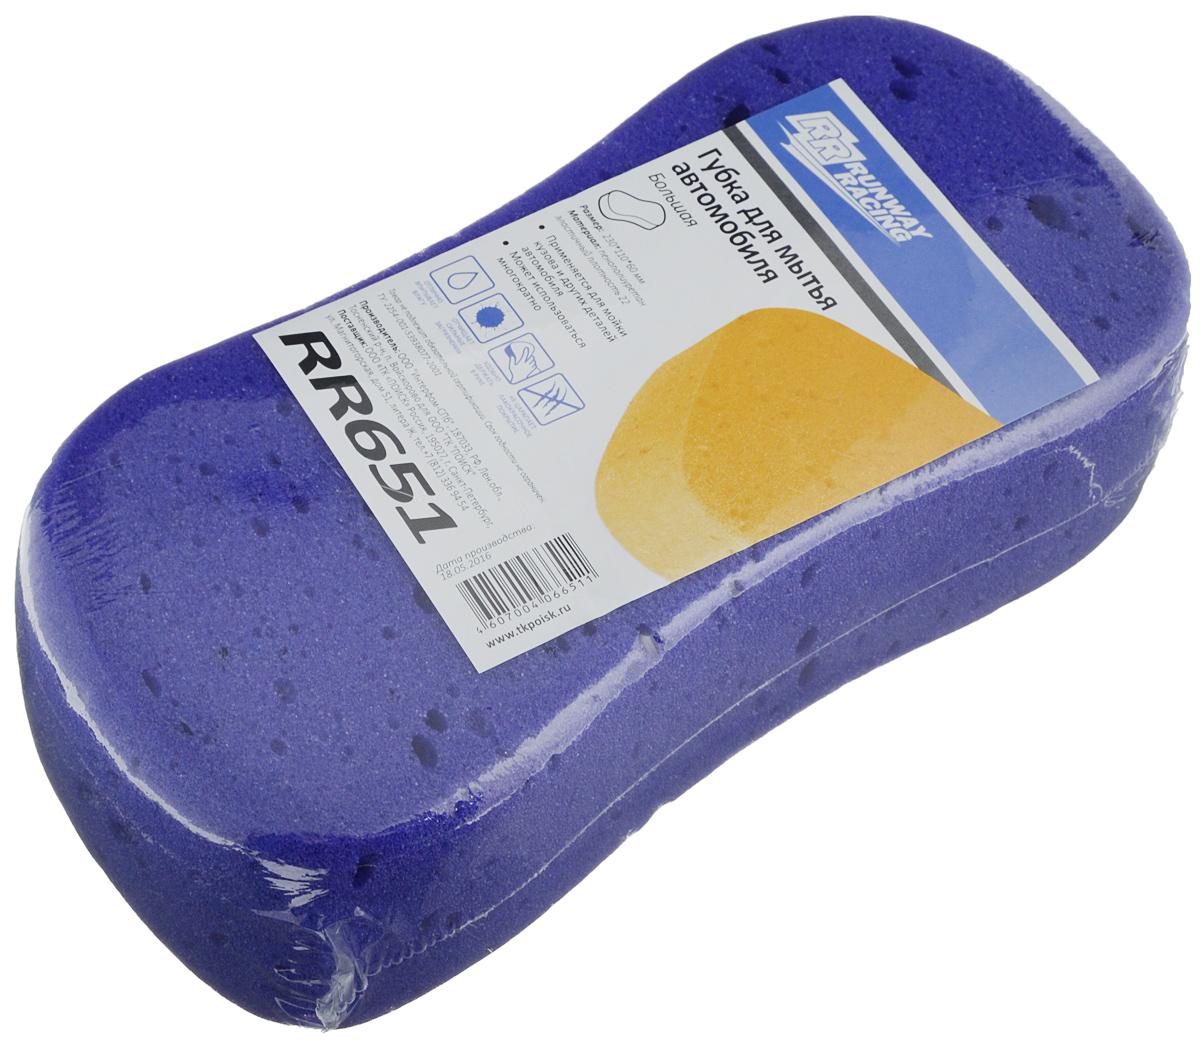 Губка для мытья автомобиля Runway Racing, цвет: фиолетовый, 23 х 11 х 6 смRR651_фиолетовыйГубка для мытья автомобиля Runway Racing изготовлена из пенополиуретана. Высокое качество волокна из пенополиуретана гарантирует долговечность продукта и стойкость ко многим растворителям. Губка основательно очищает любые поверхности и прекрасно впитывает воду и автошампунь. Она обеспечивает бережный уход за лакокрасочным покрытием автомобиля. Специальная форма губки прекрасно ложится в руку и облегчает ее использование. Губка мягкая, способная сохранять свою форму даже после многократного использования. Размер губки: 23 х 11 х 6 см.